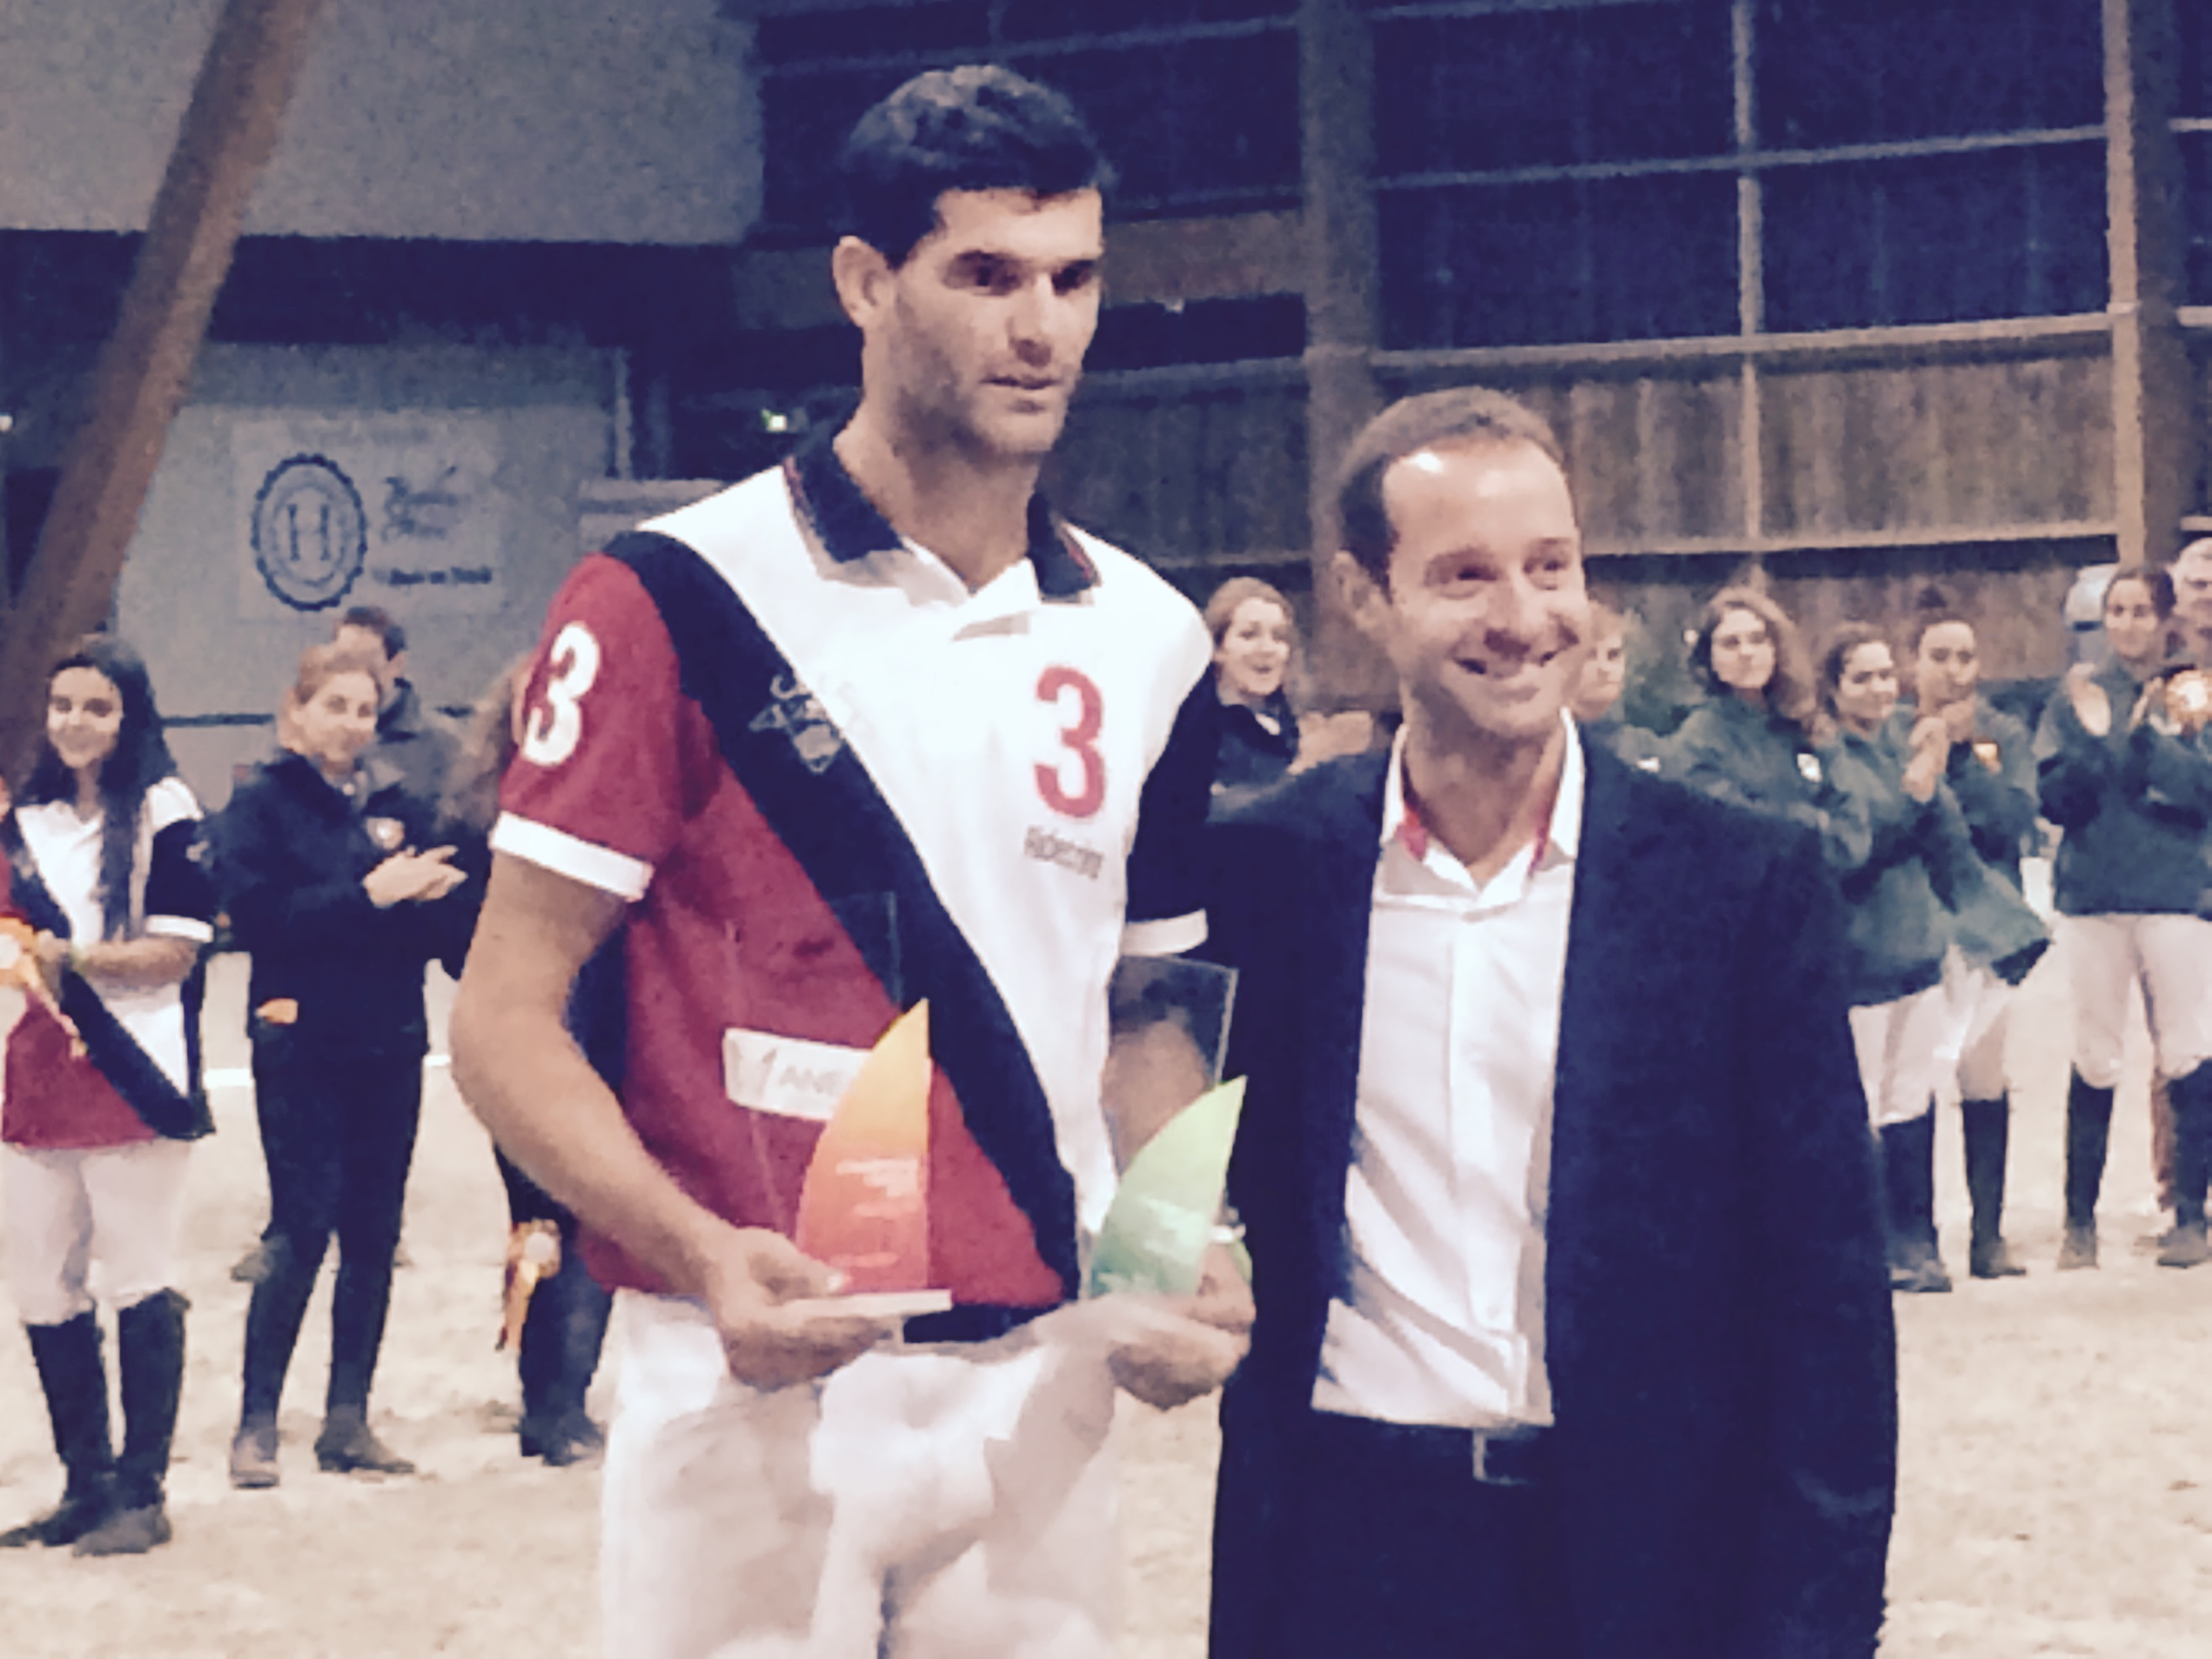 Gil Carbonés  y Baldich. Foto de la Federacion Catalana de Hípica